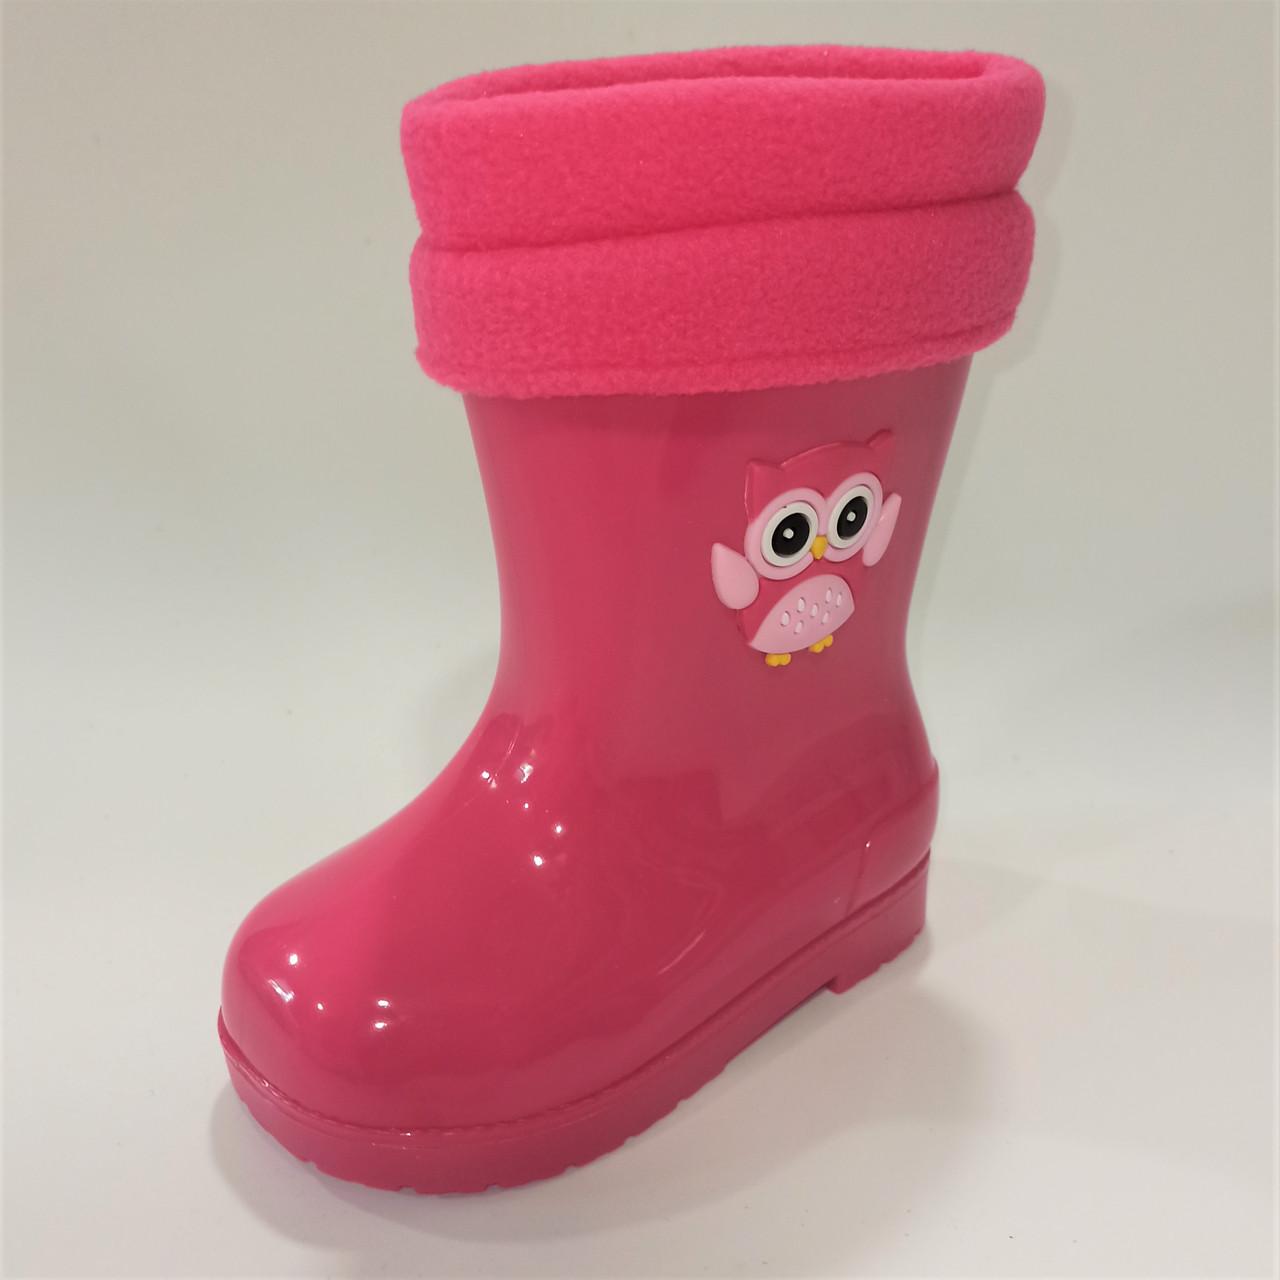 Гумові чоботи з чобітком, Flamingo розміри: 24-28